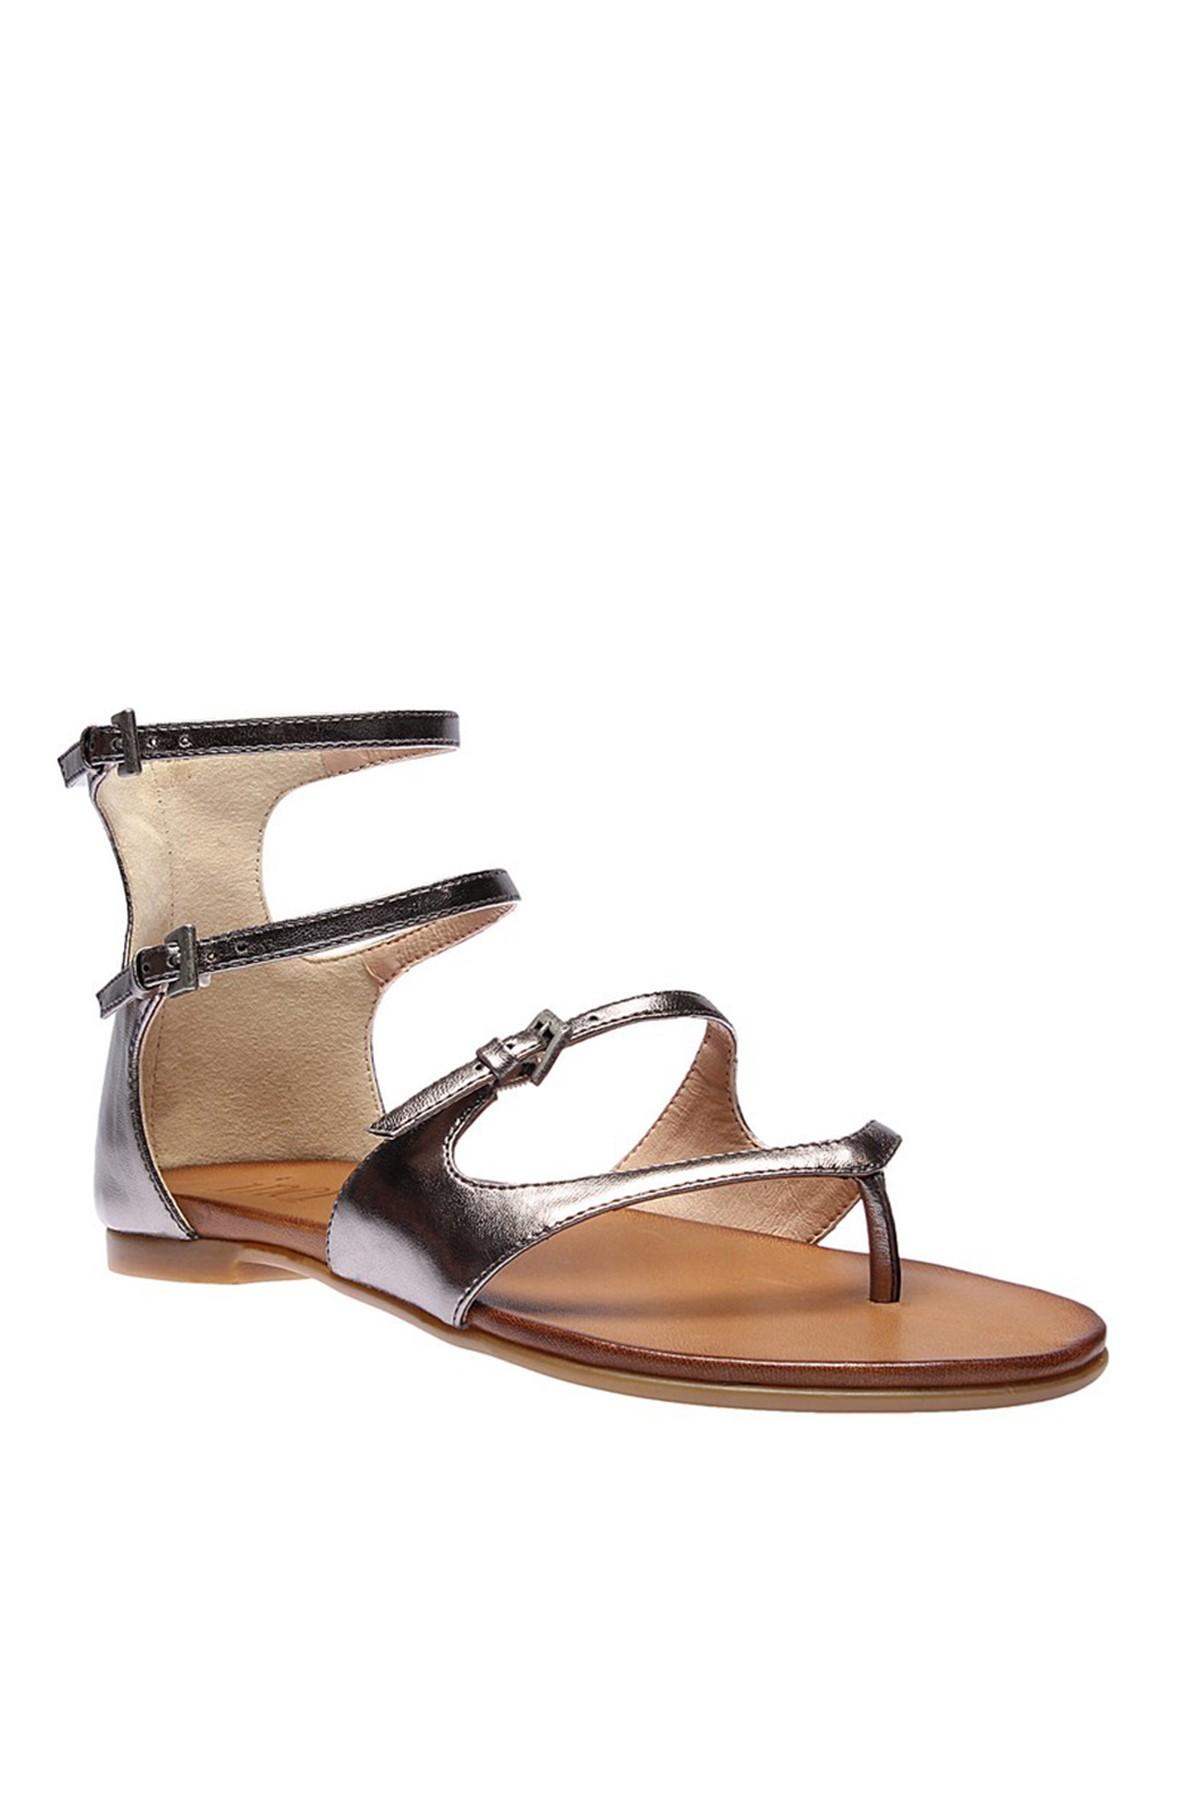 İnci Hakiki Deri Antrasit Kadın Sandalet 120120543046 2